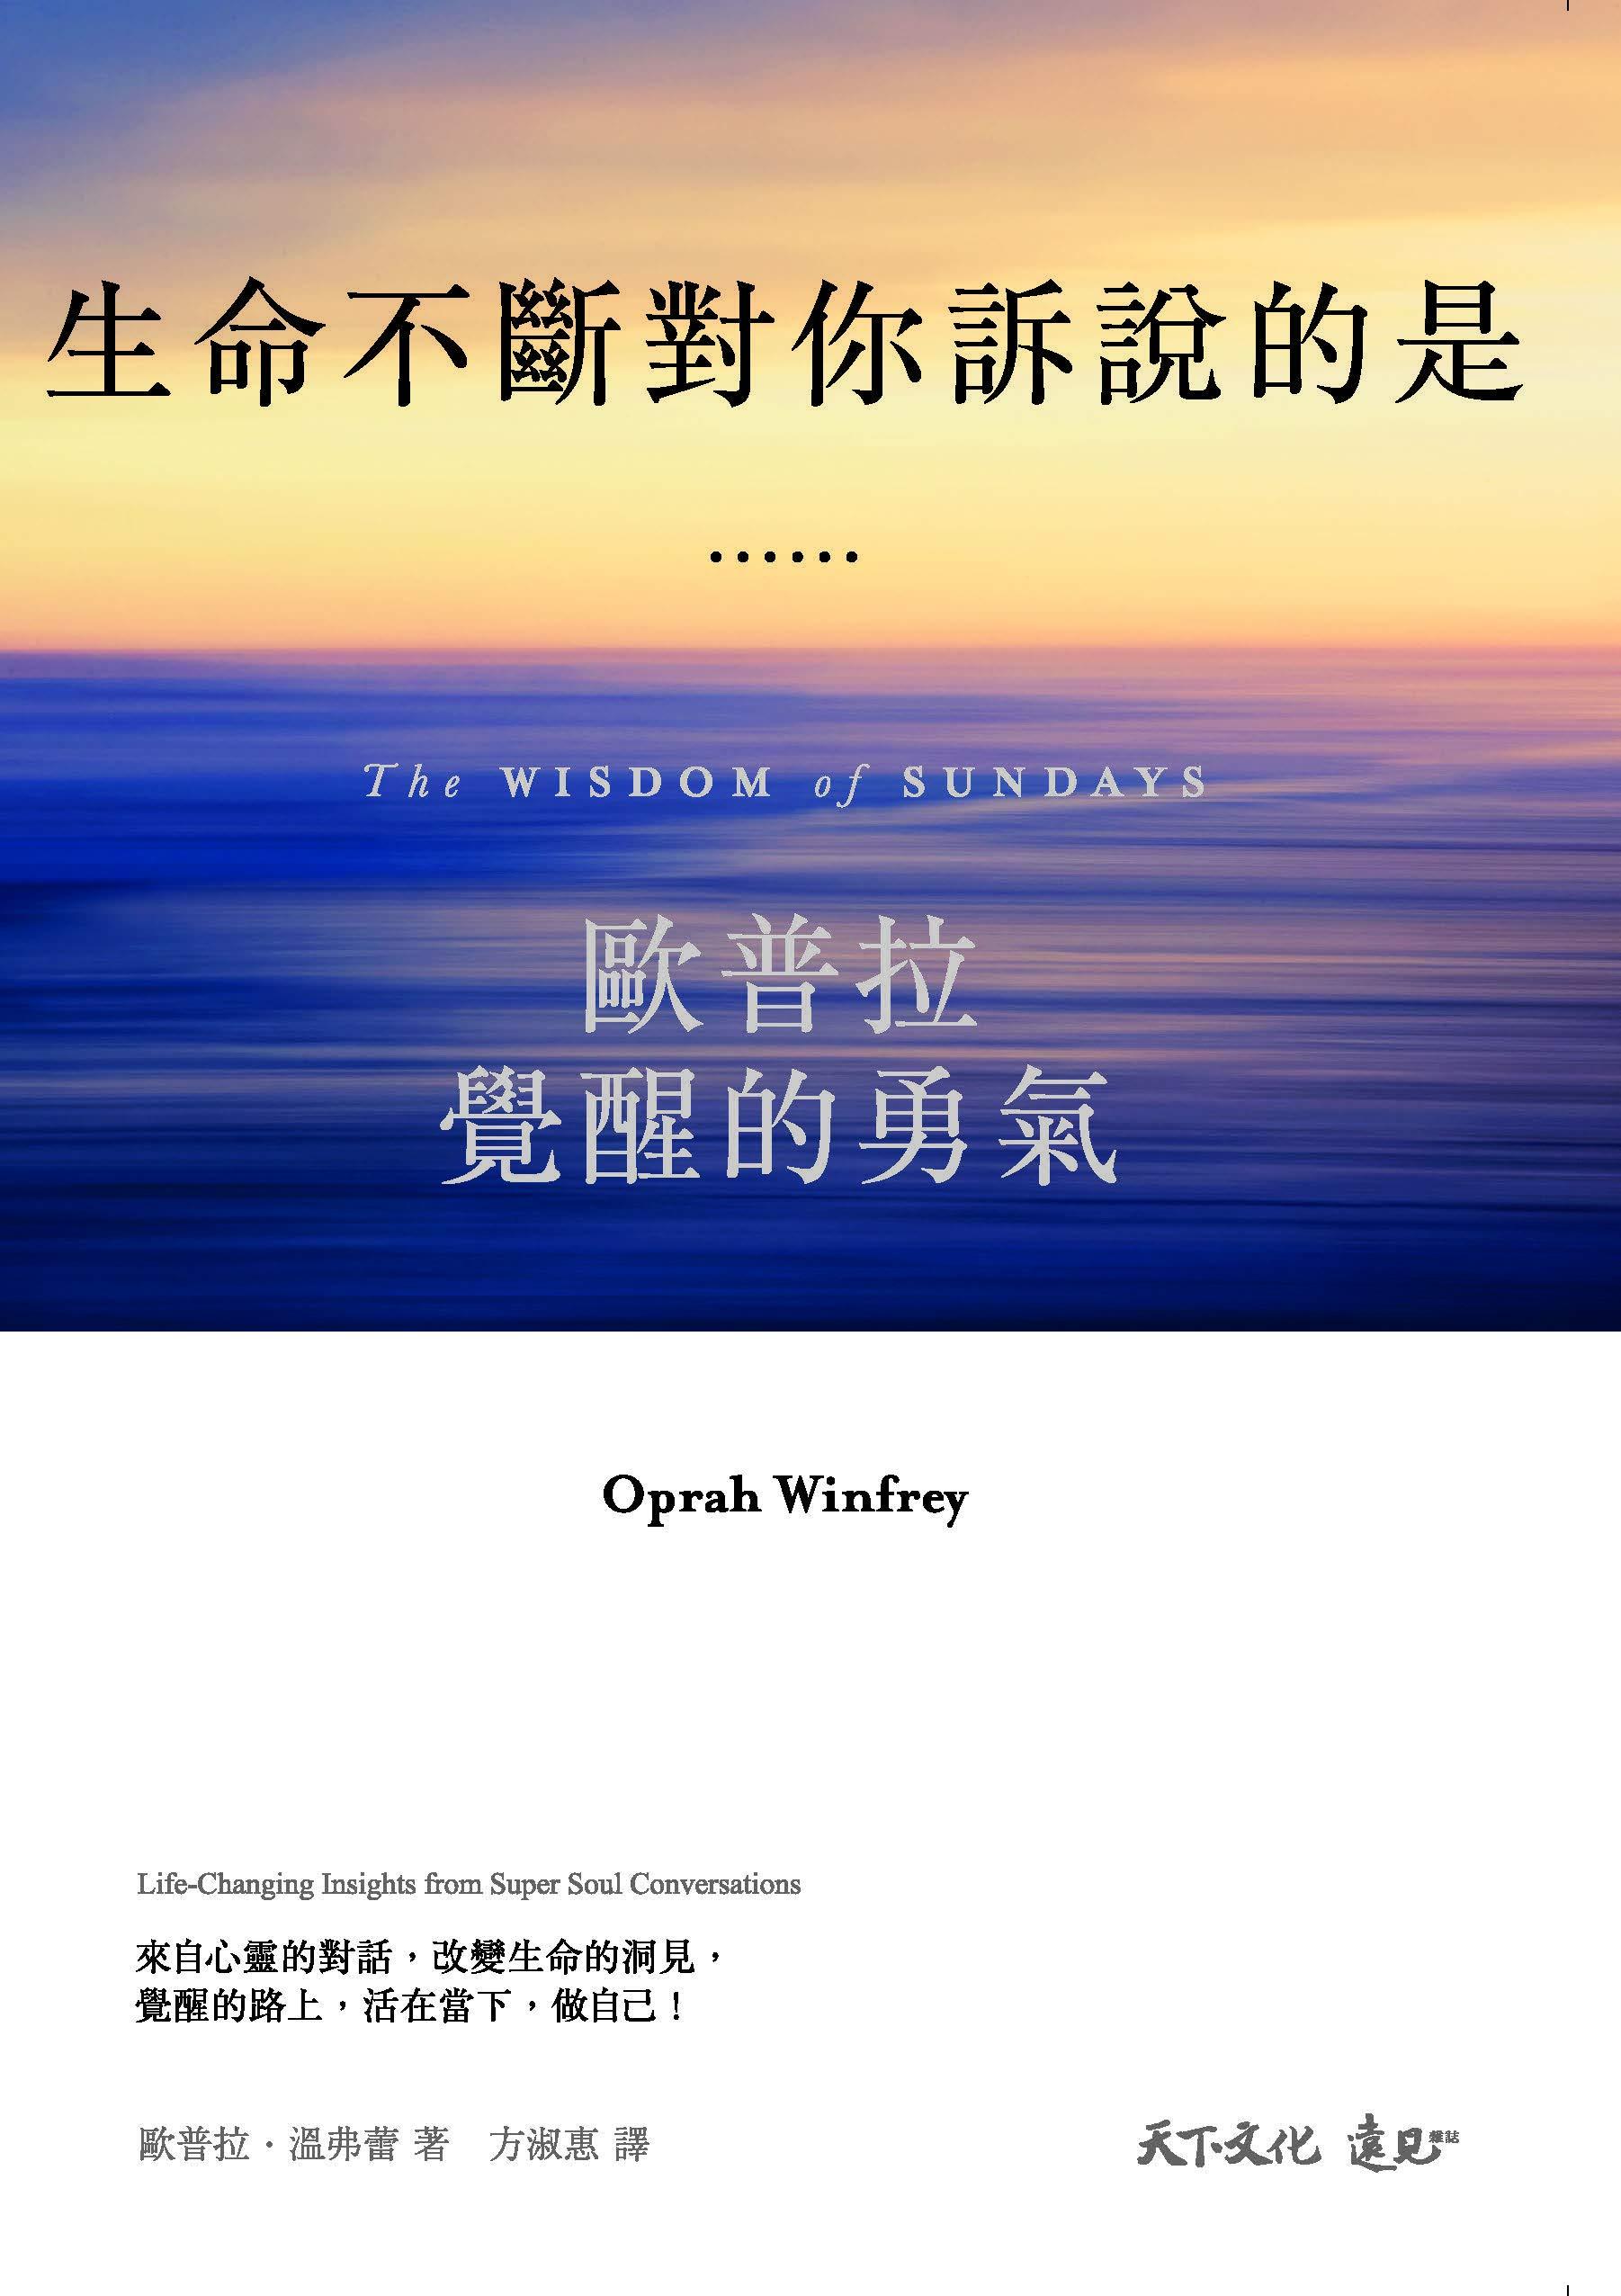 生命不斷對你訴說的是……: The Wisdom of Sundays (Traditional Chinese Edition)